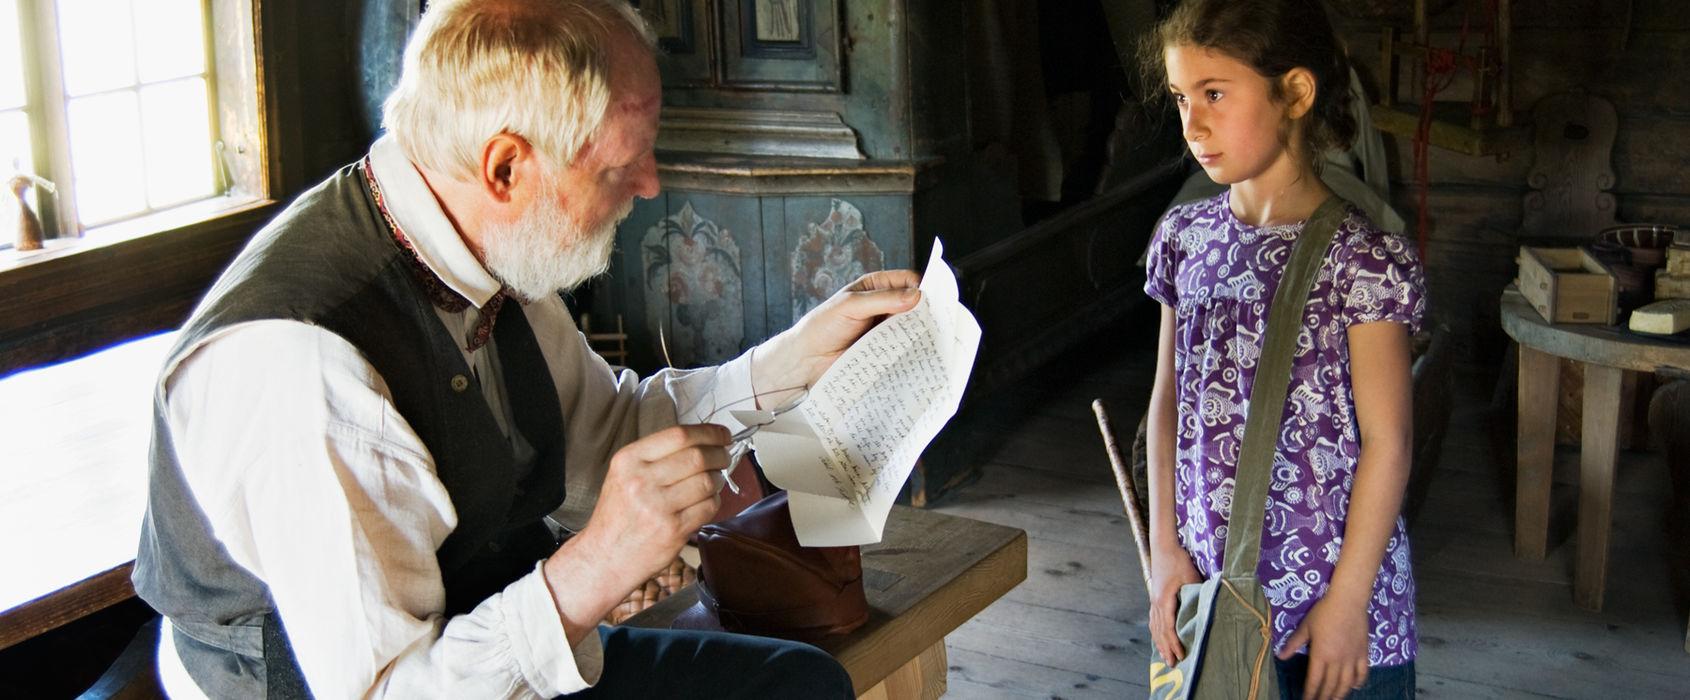 En man läser ett dokument för en flicka